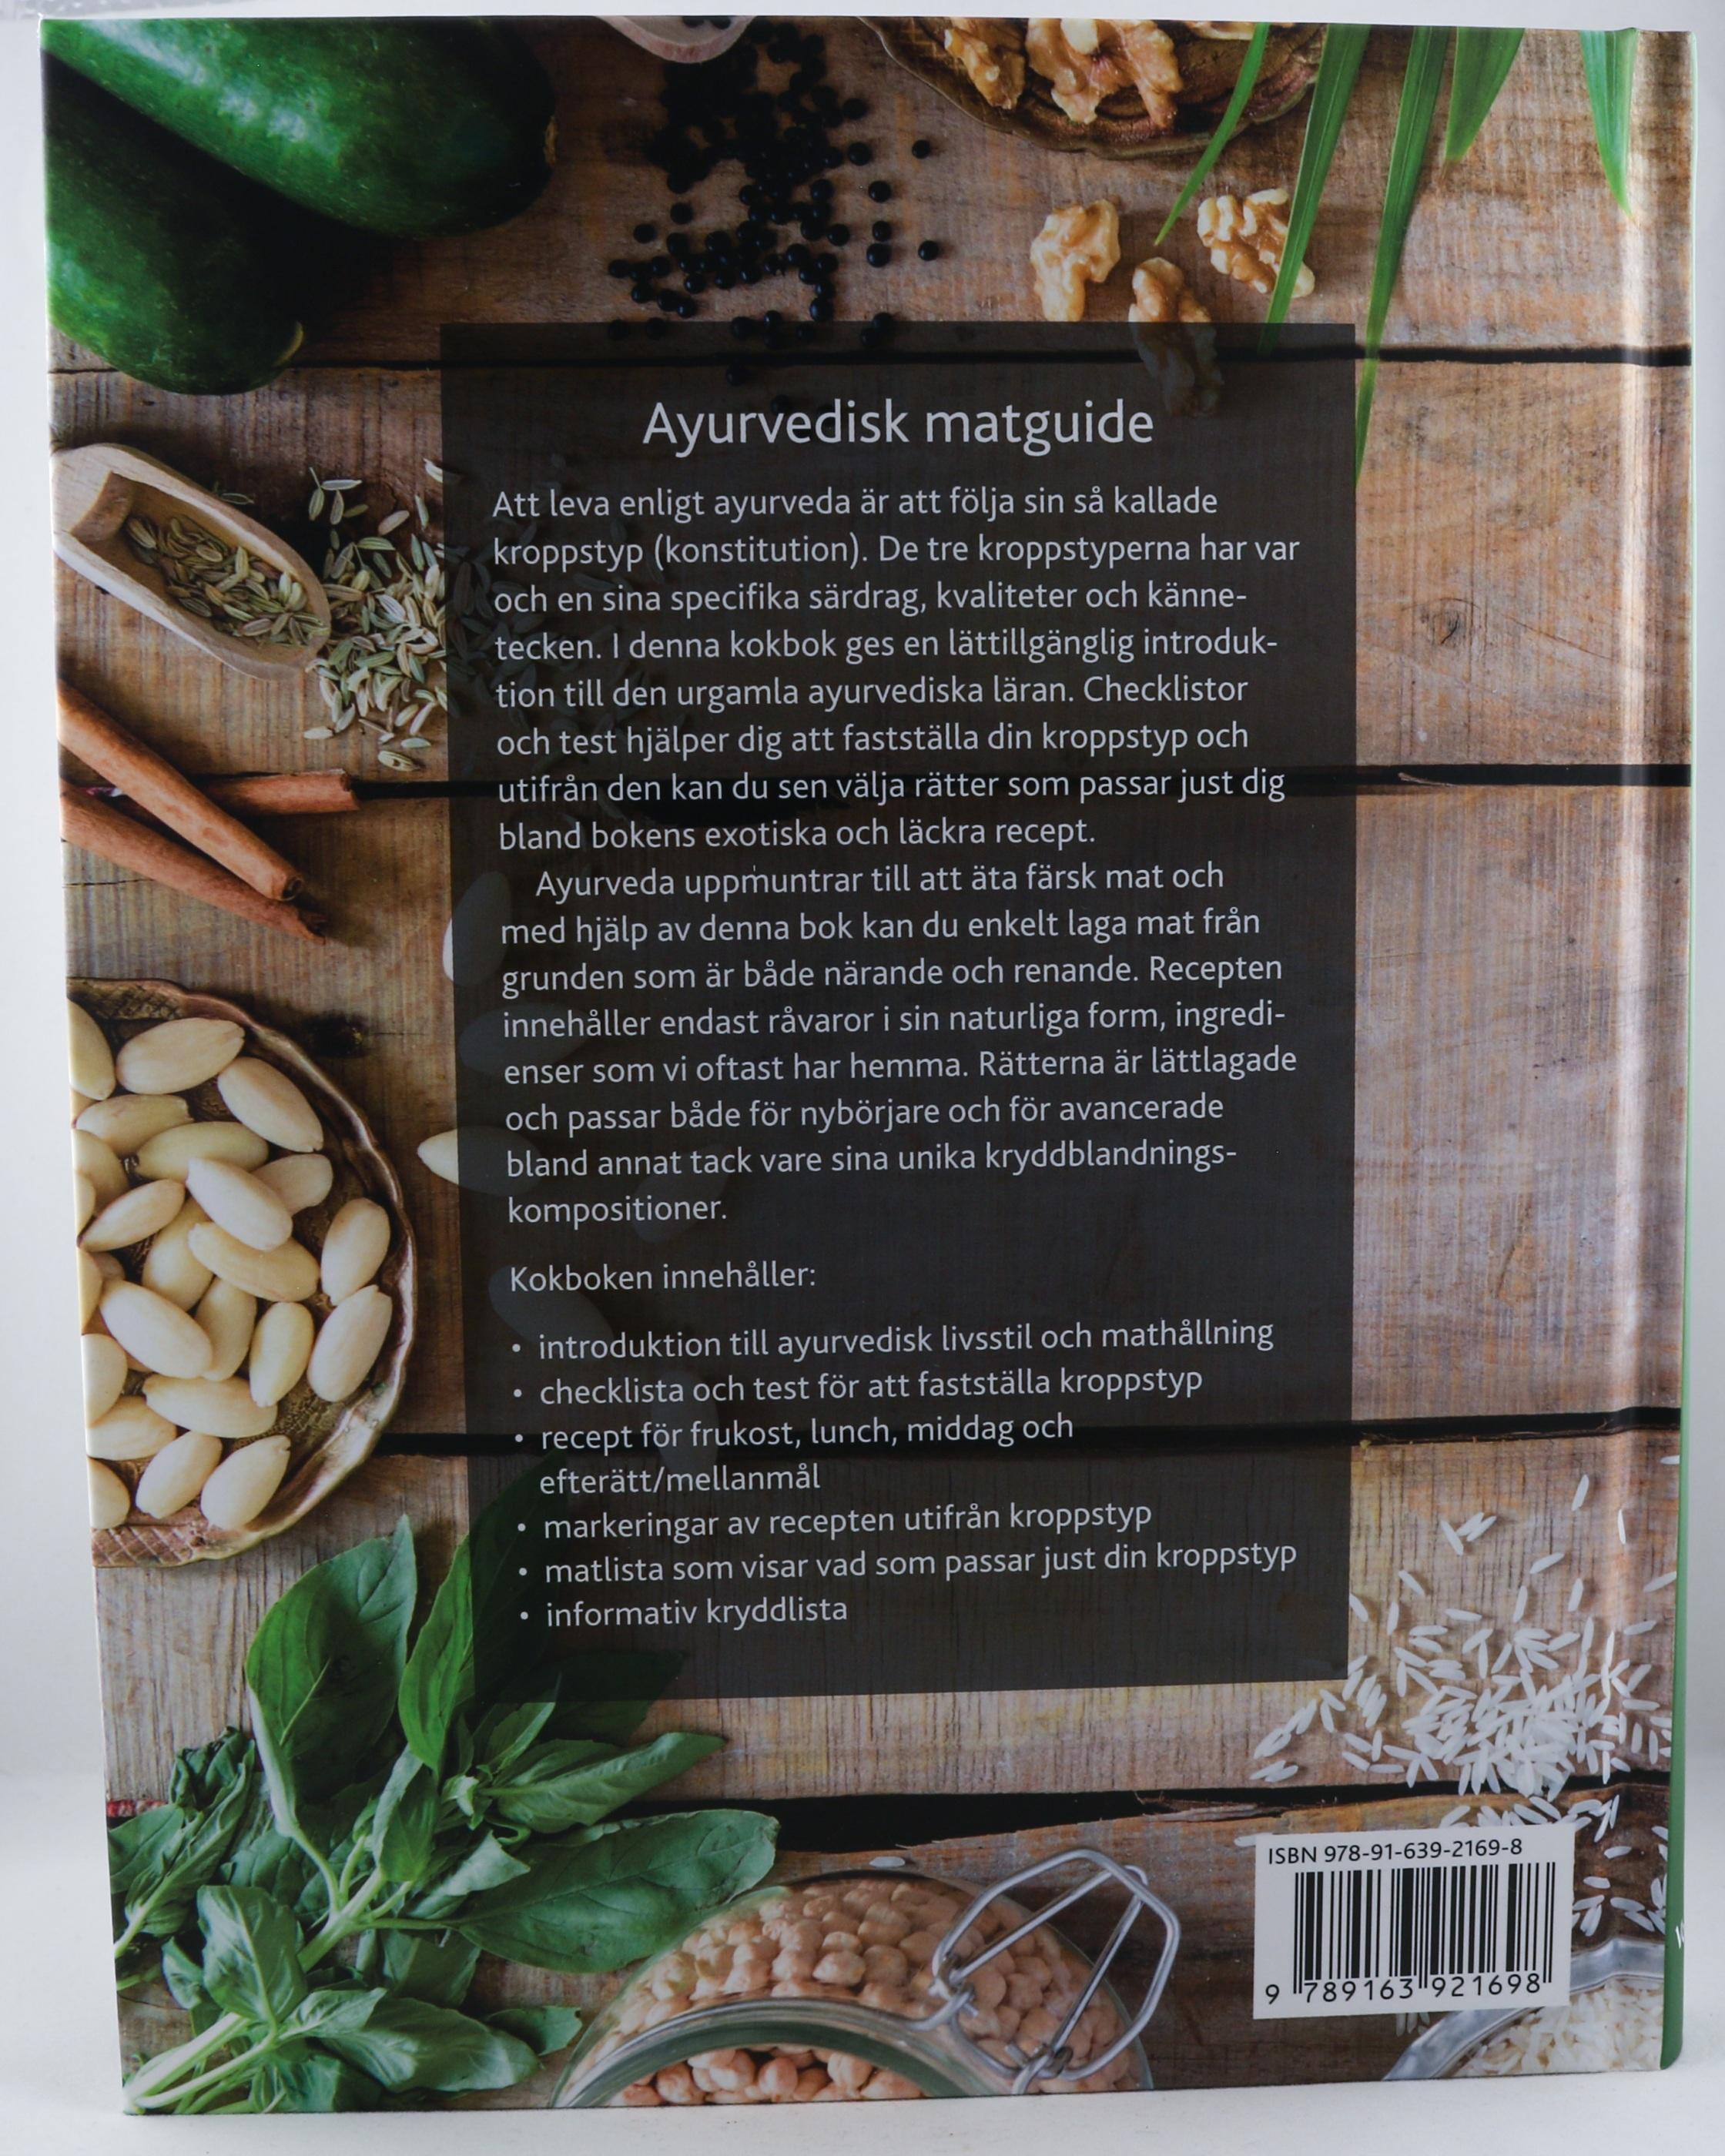 Ayurvedisk vegetarisk kokbok Wellness Ayurveda Halmstadmassören Halmstad Sverige Sweden svensk läsa bok